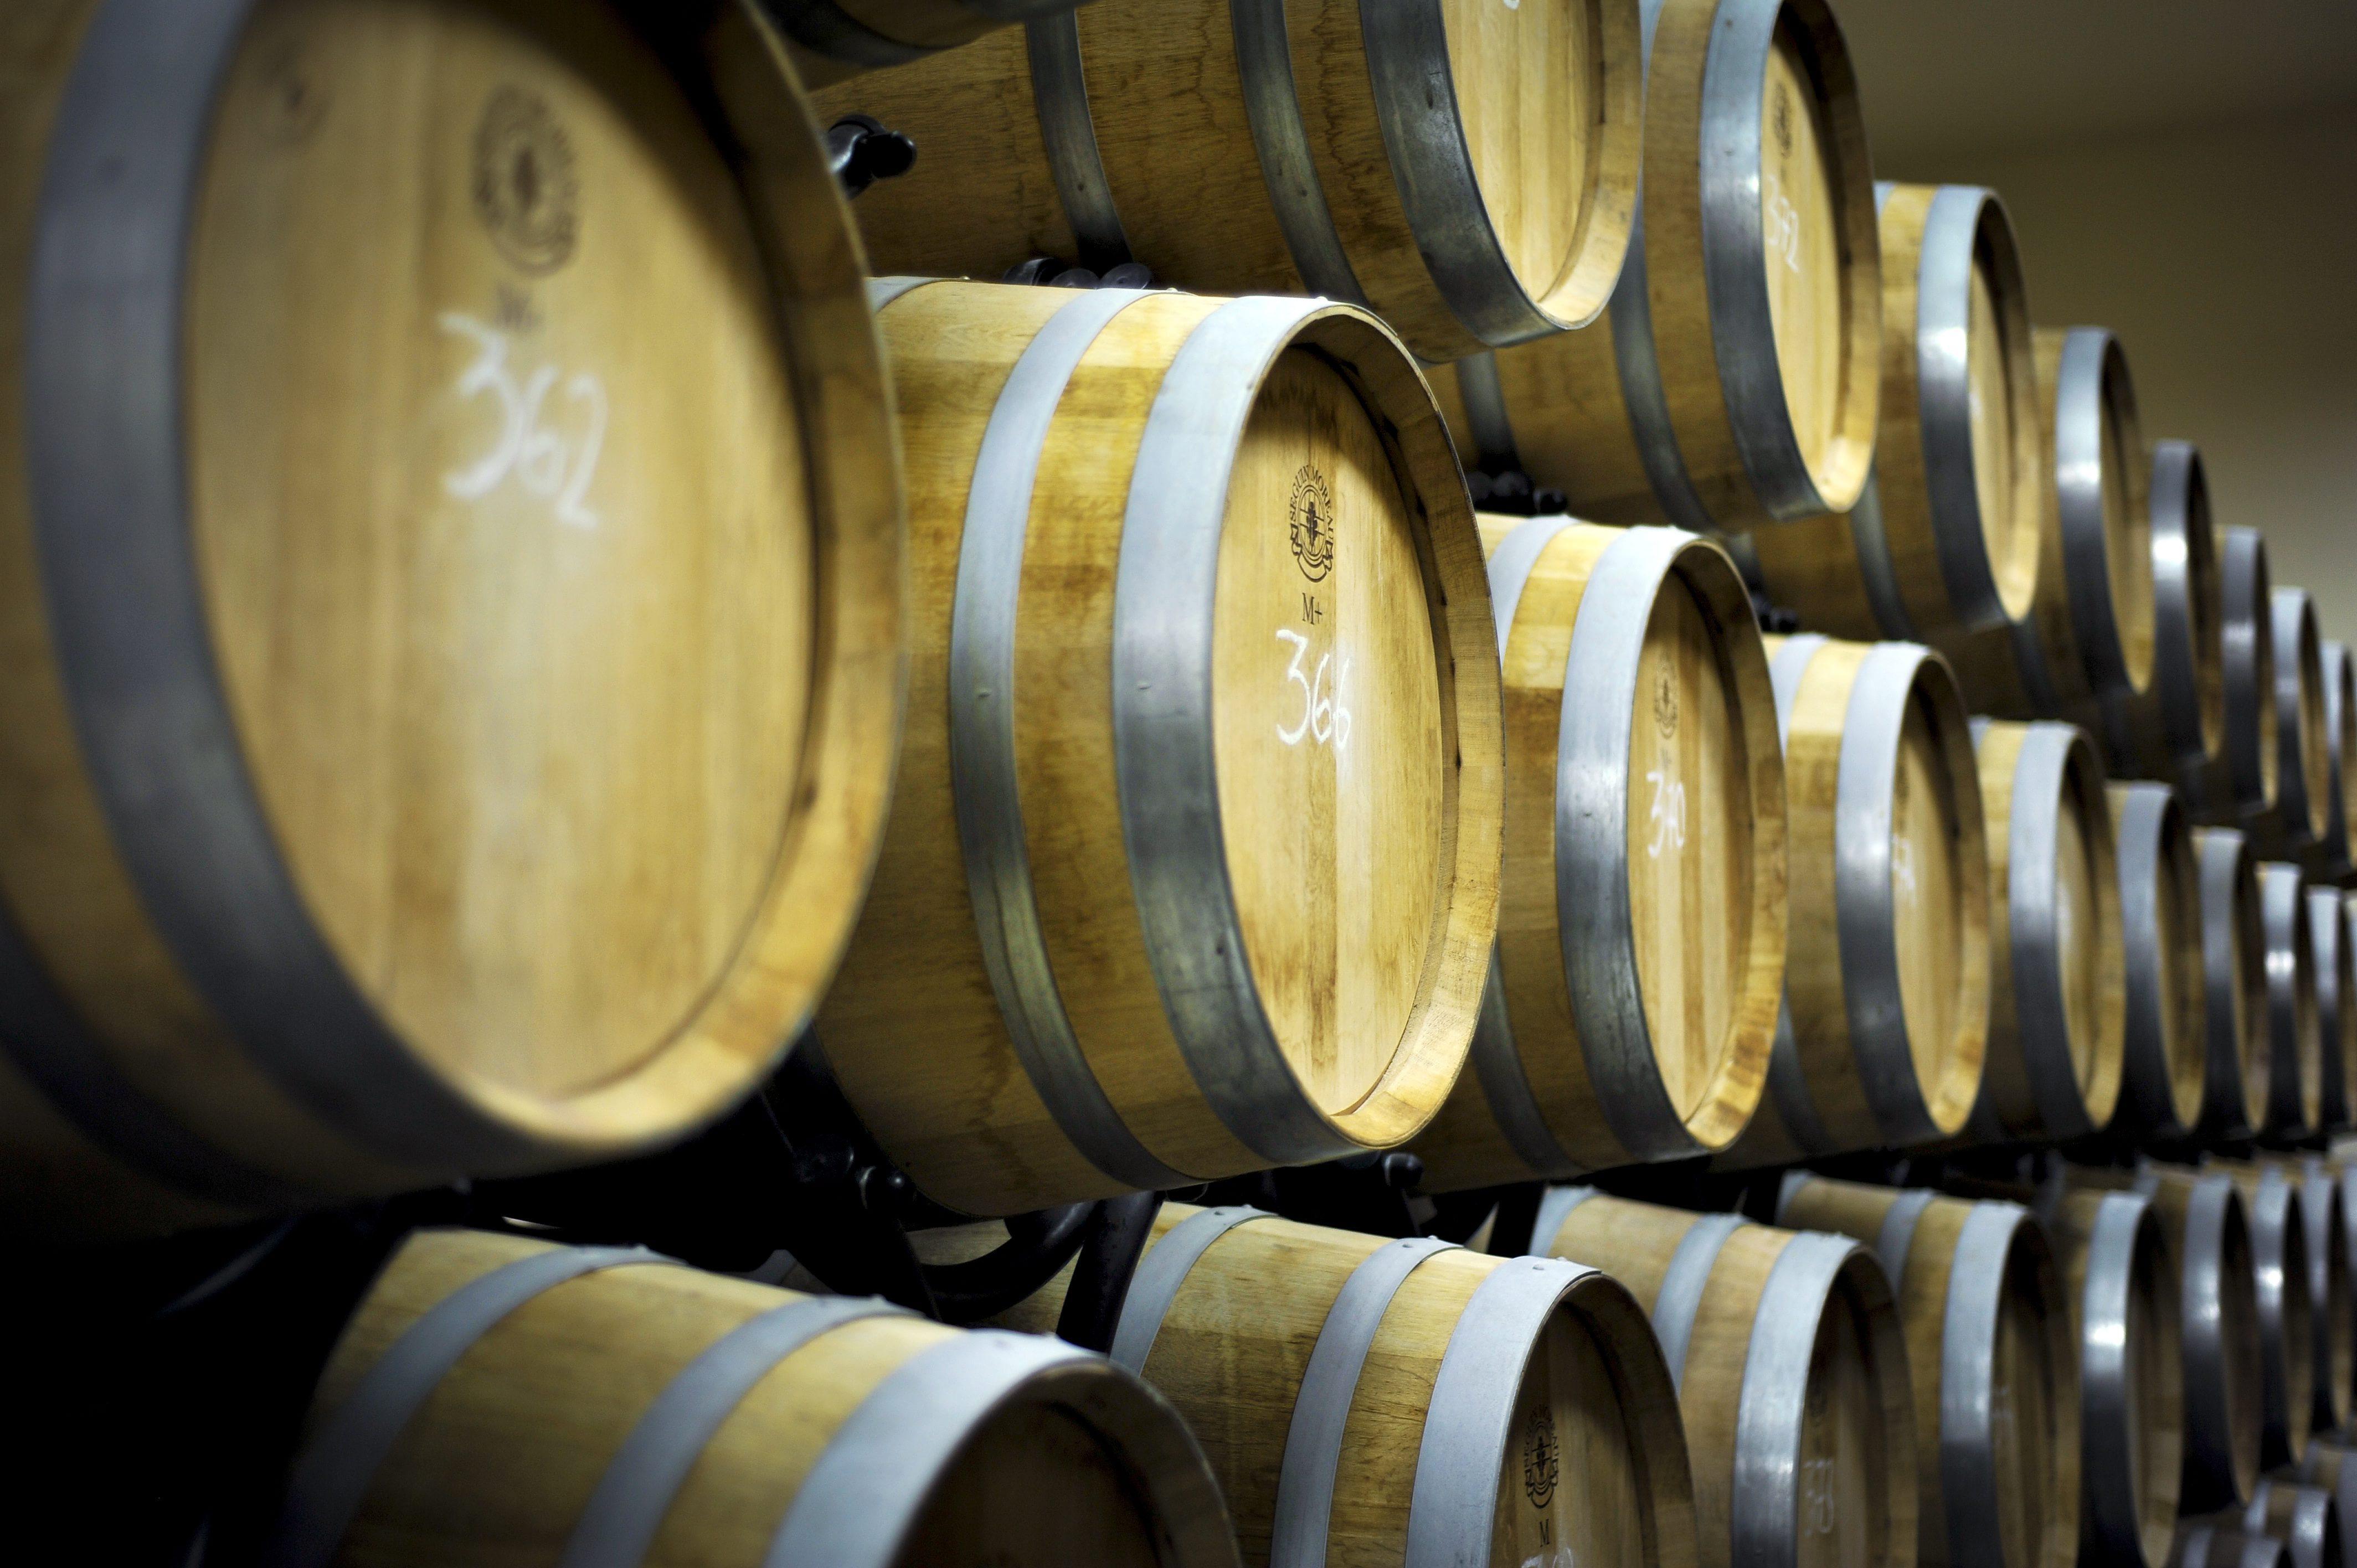 Vinski podrum vinarije tvrtke Agrolaguna